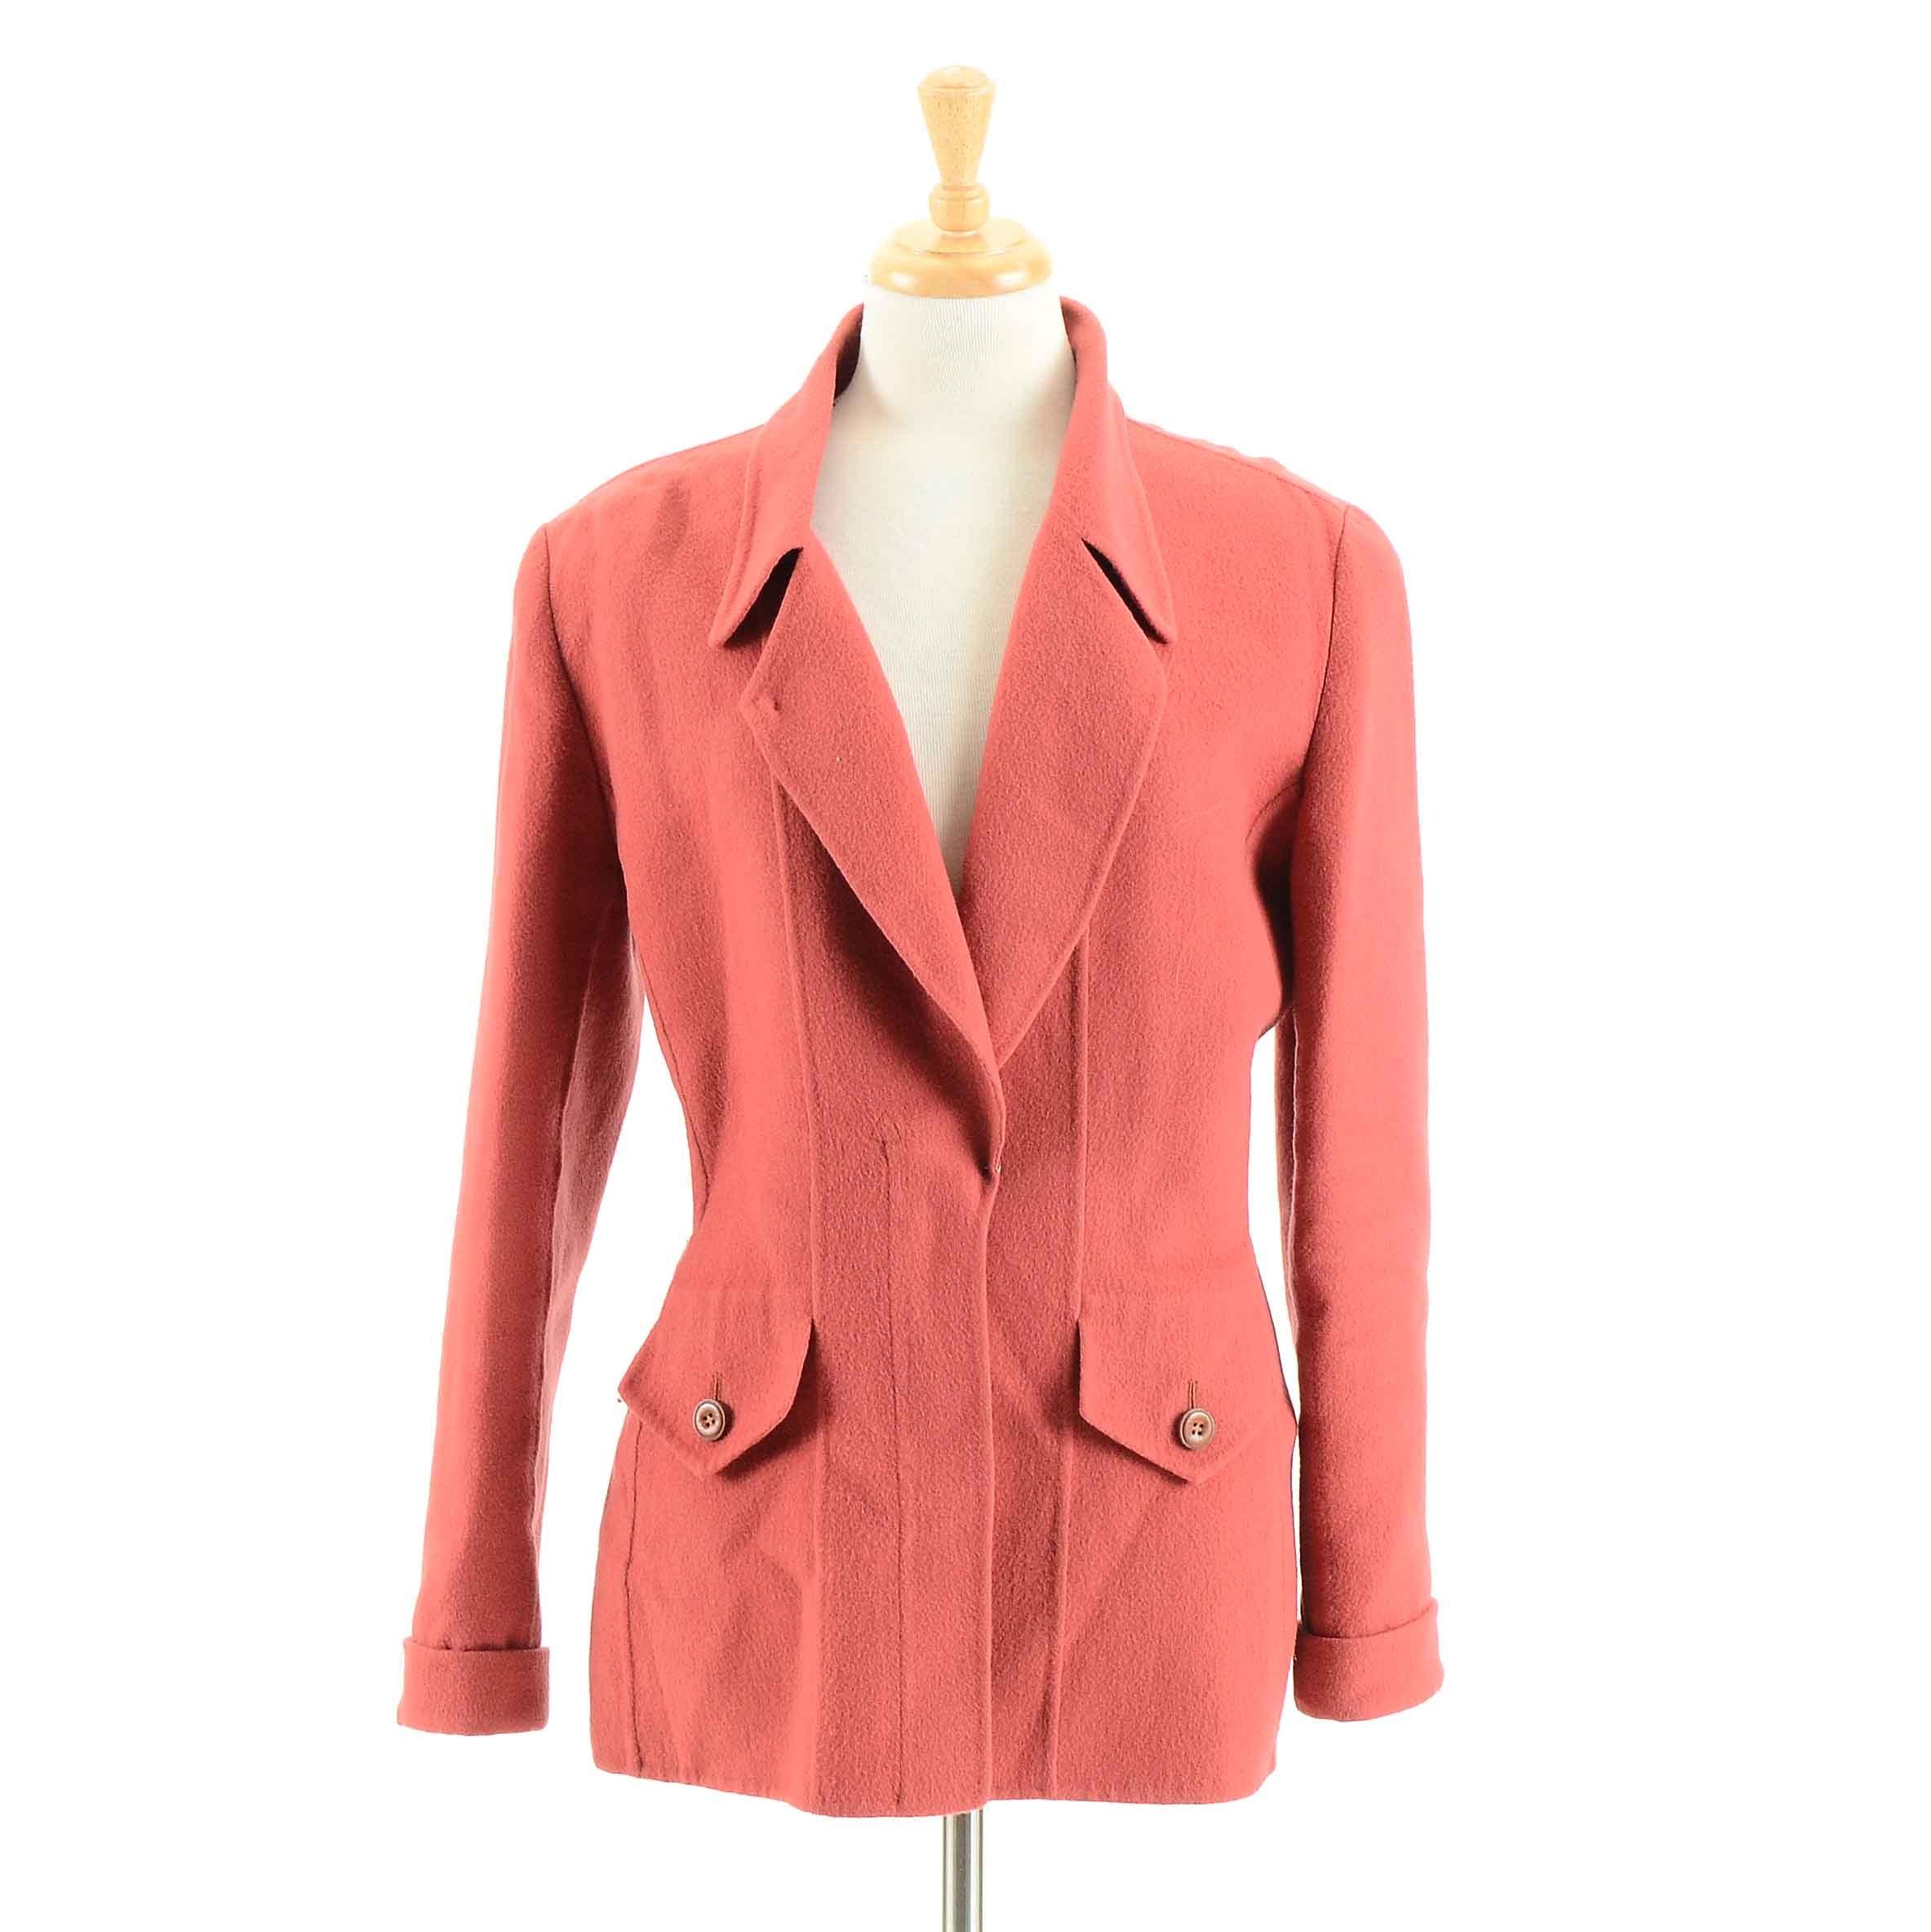 Vintage Oscar De La Renta Wool Jacket in Coral